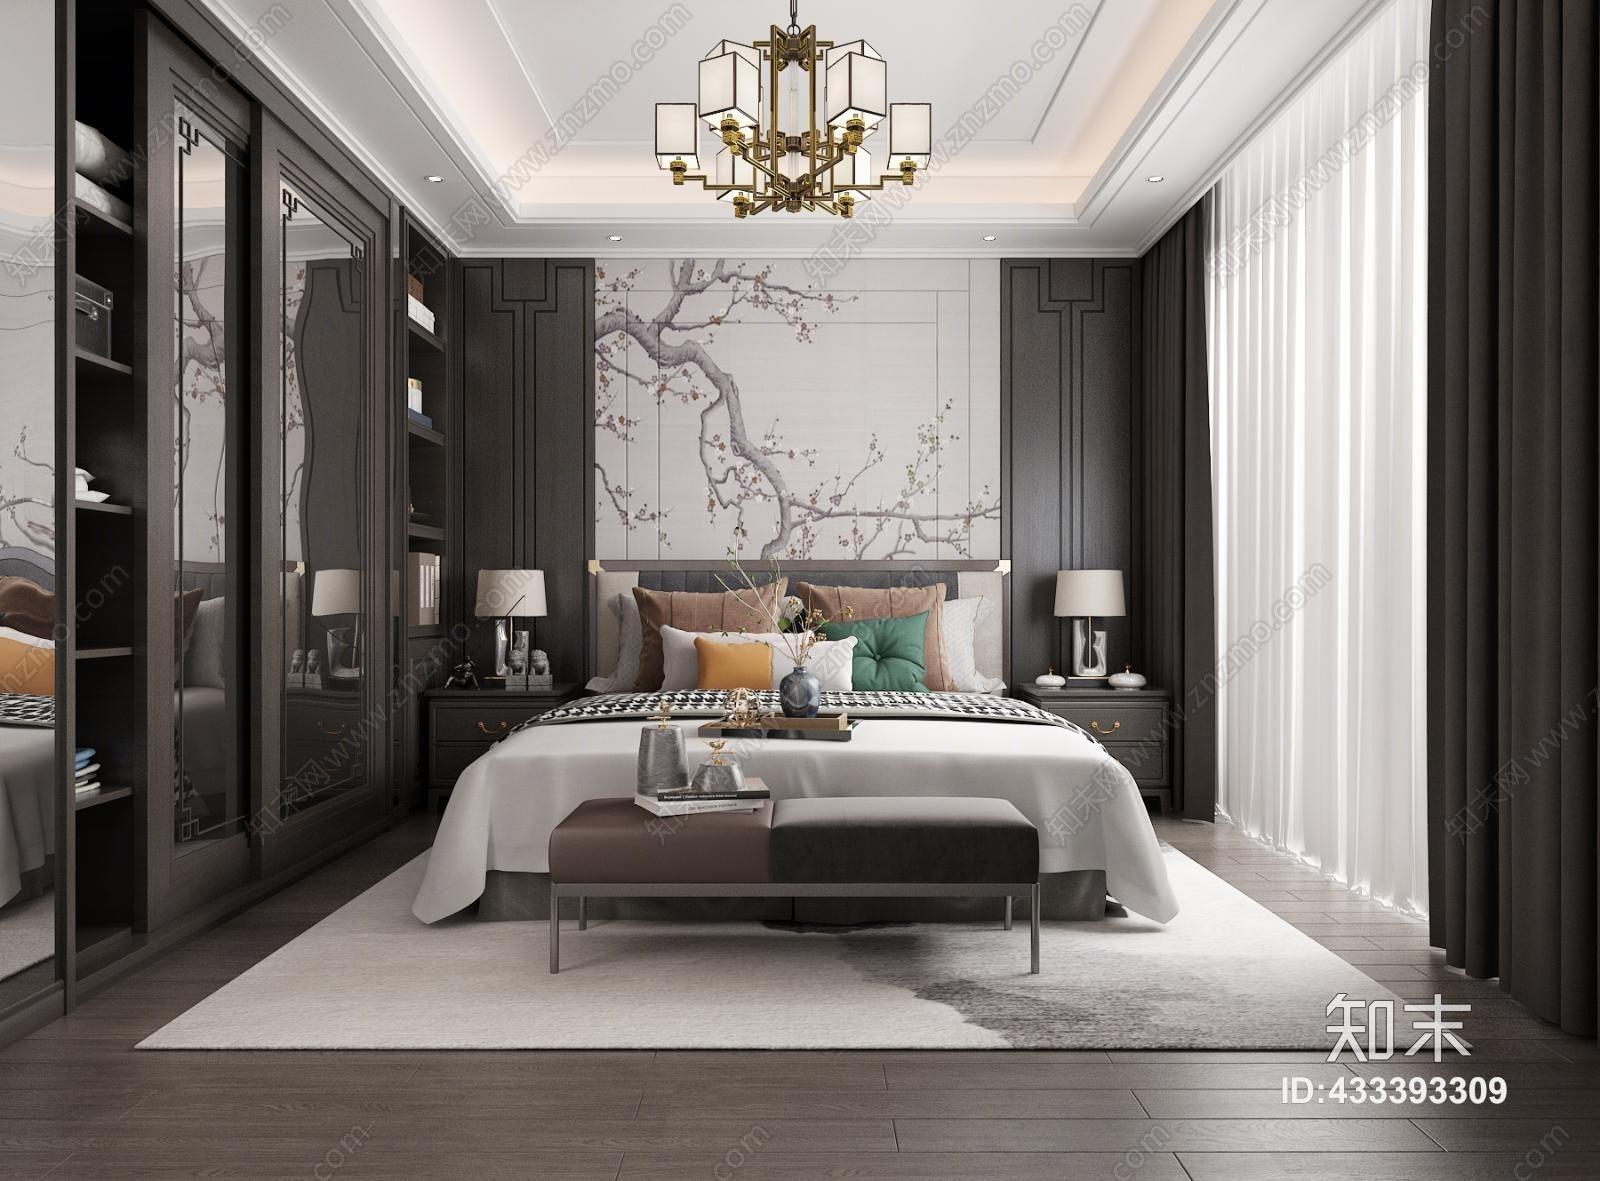 新中式卧室 双人床 床榻 背景墙 边几 衣柜 中式衣柜